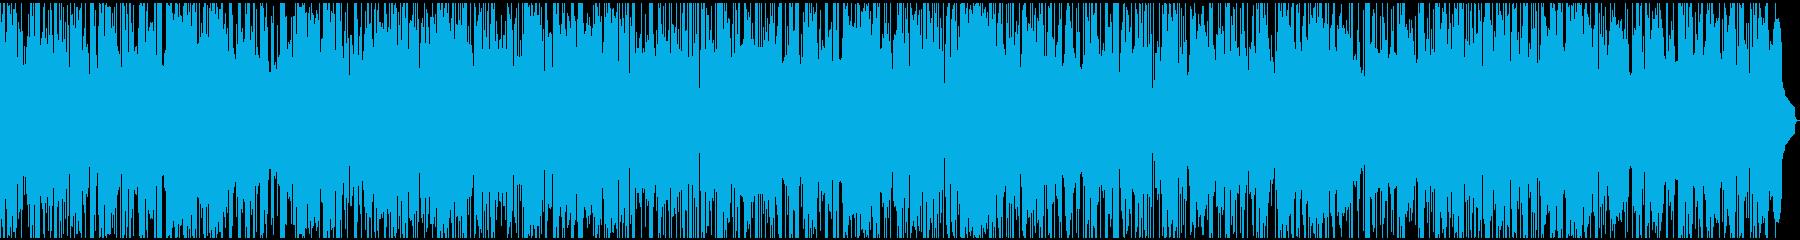 サックスの哀愁のある大人のBGMの再生済みの波形